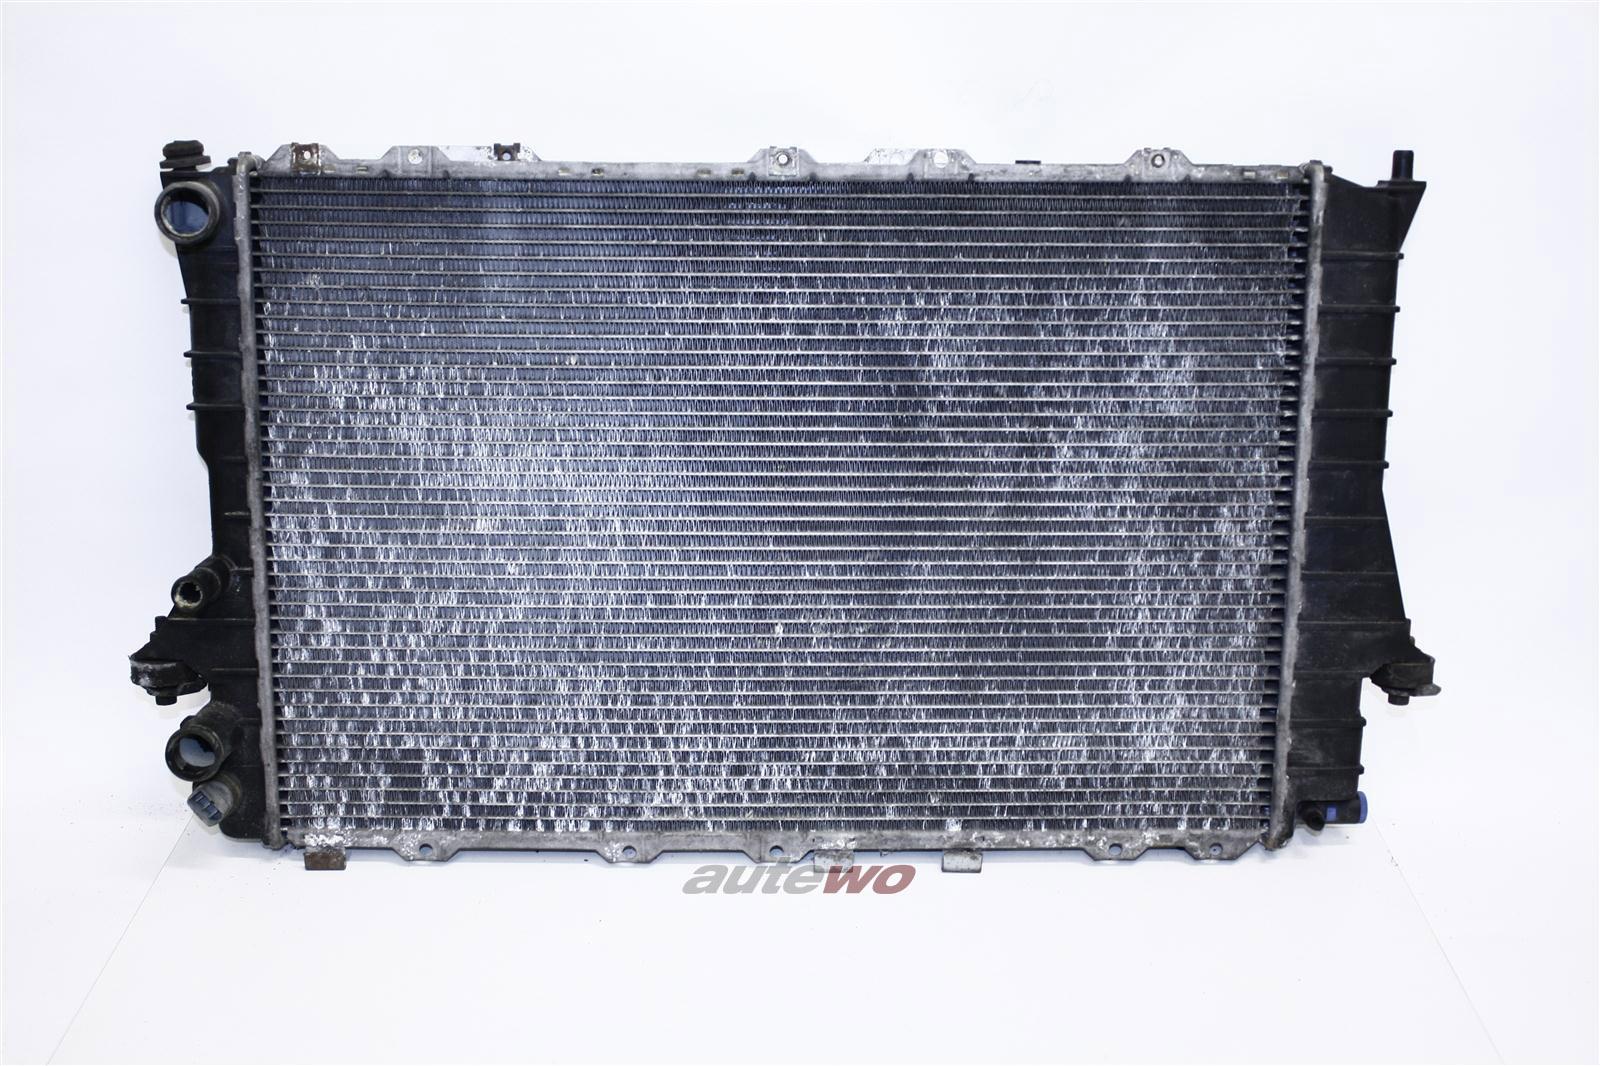 Audi 100/A6 C4 2.4l Wasserkühler Schaltgetriebe 4A0121251A